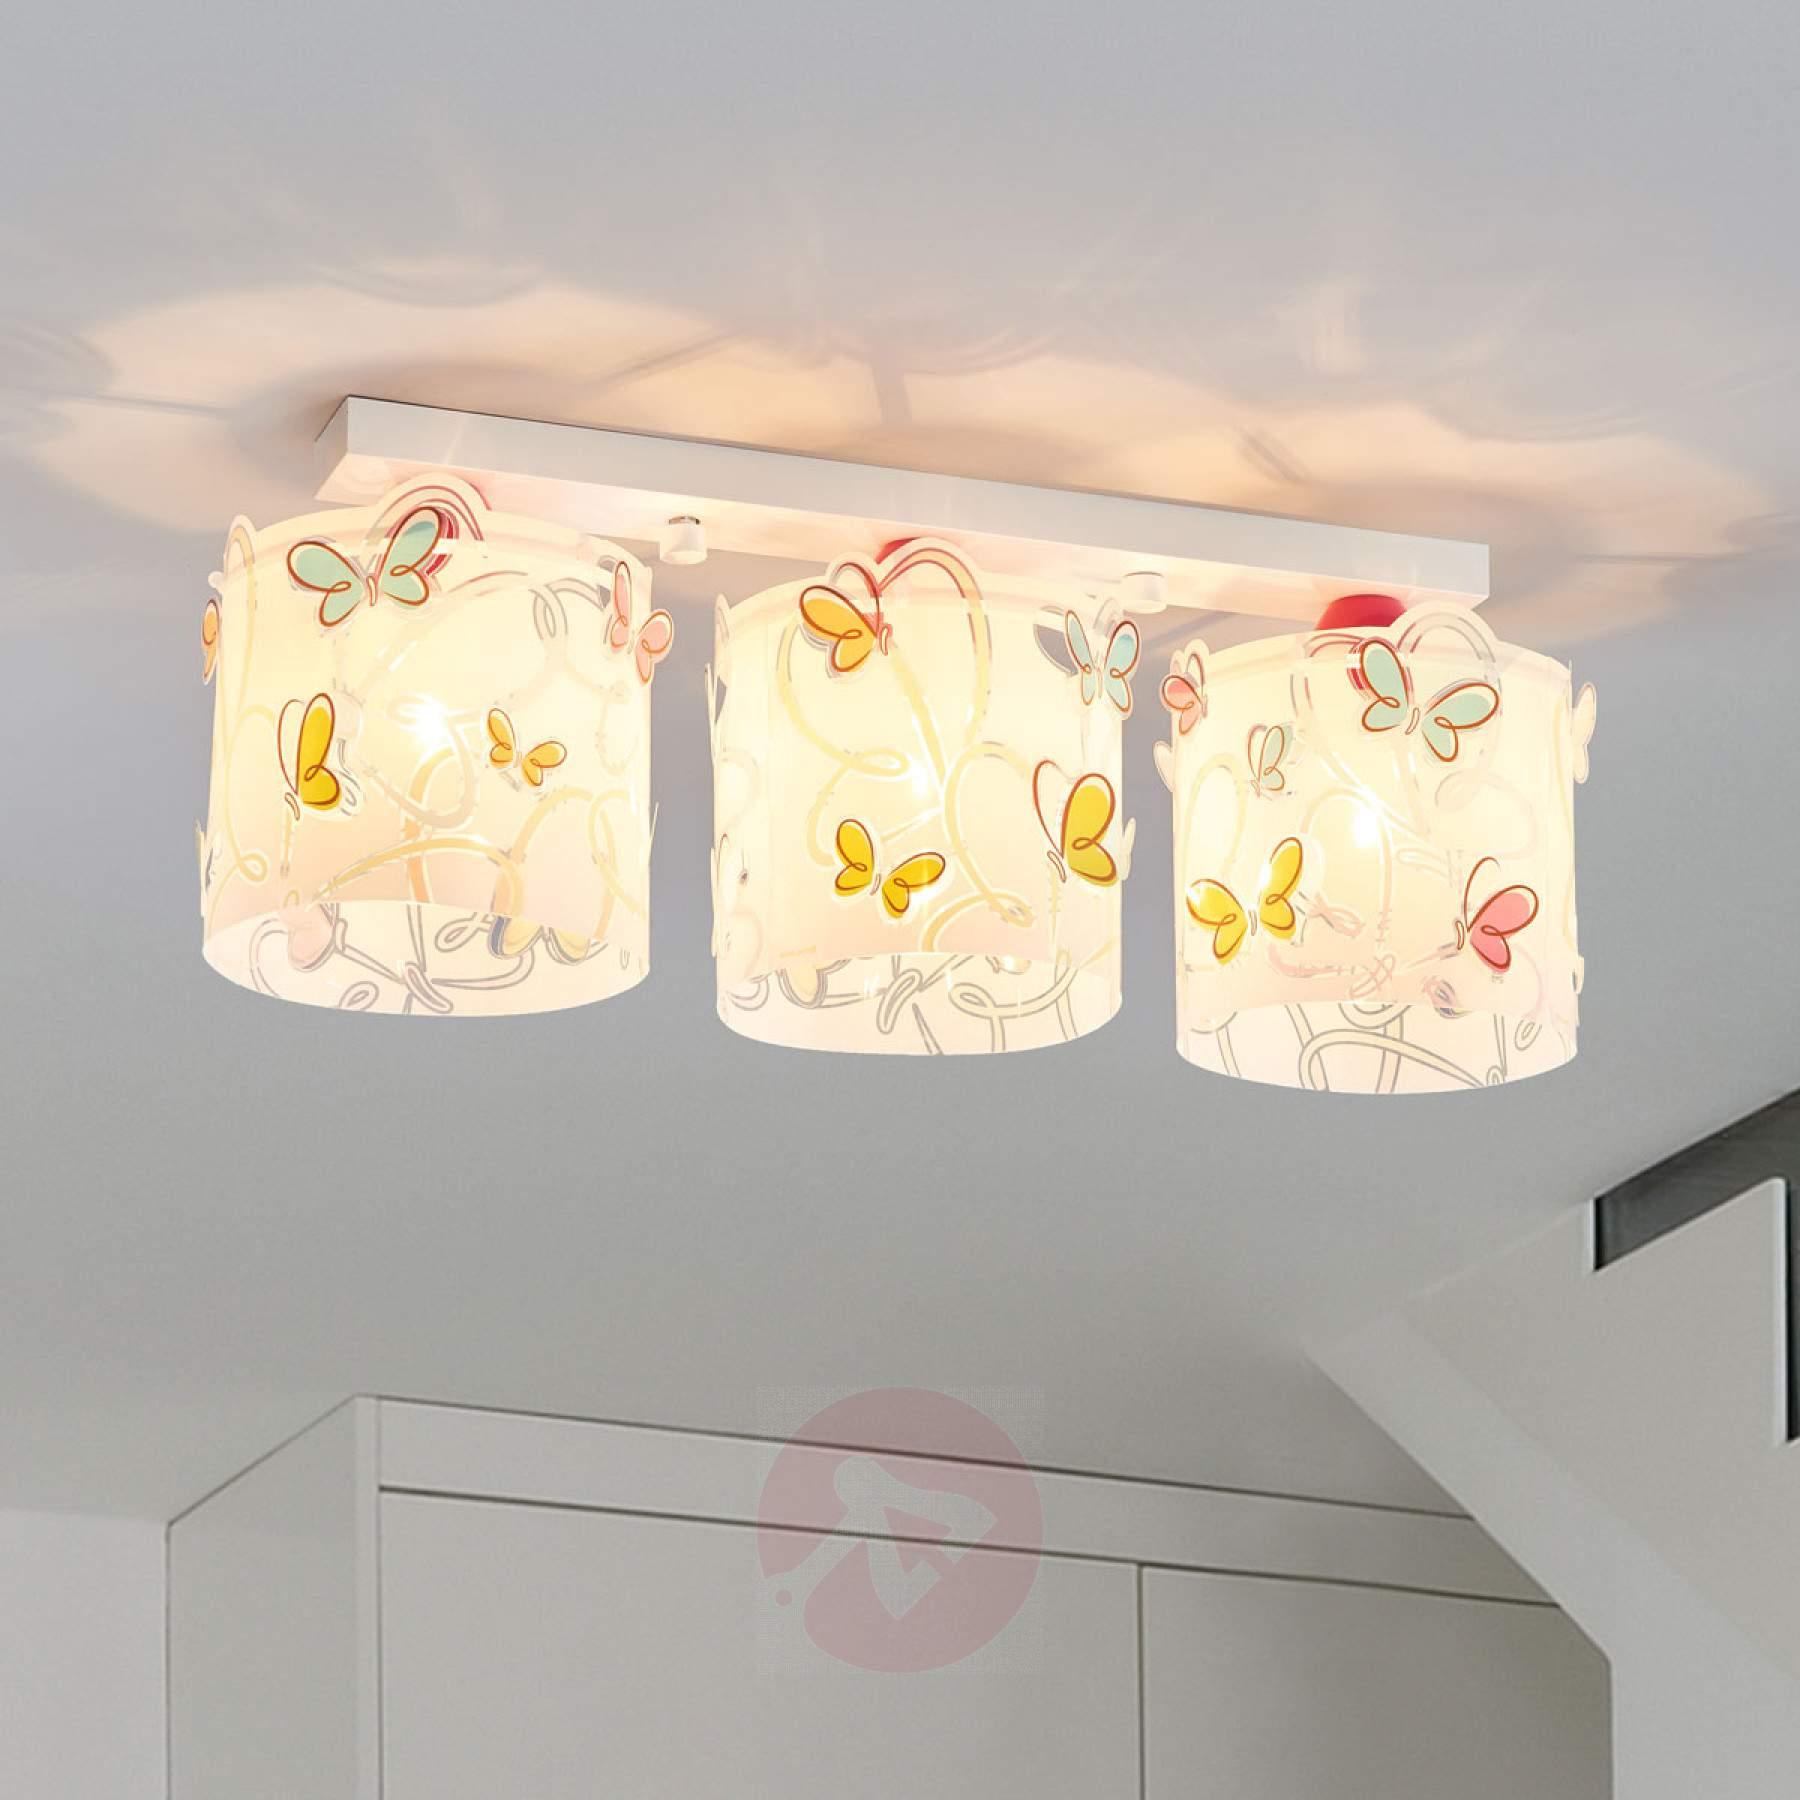 Full Size of Deckenlampe Butterfly Frs Kinderzimmer Kaufen Lampenweltde Deckenlampen Wohnzimmer Modern Regale Sofa Für Regal Weiß Kinderzimmer Deckenlampen Kinderzimmer